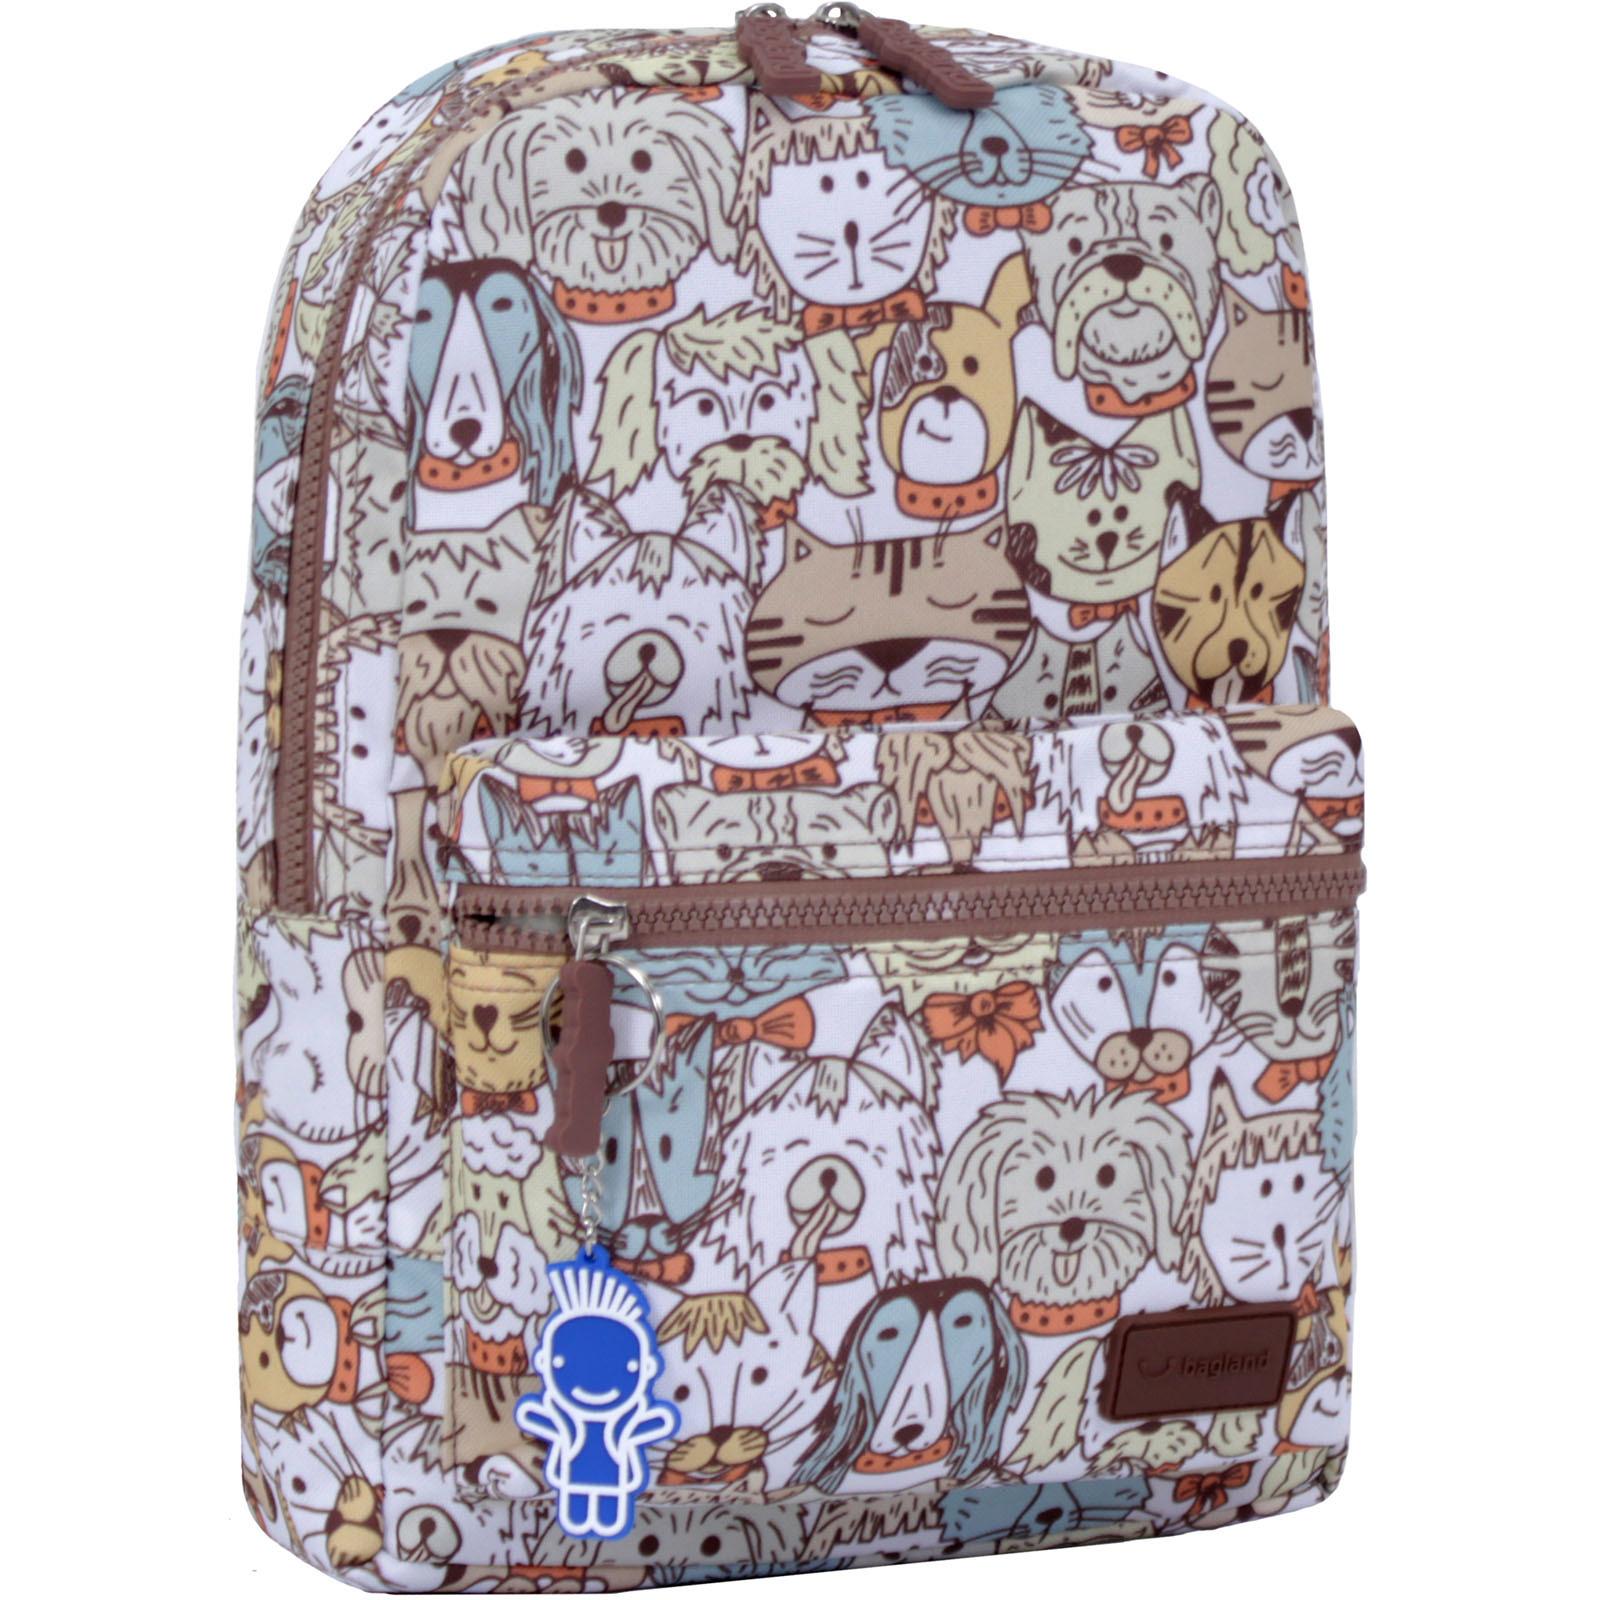 Детские рюкзаки Рюкзак Bagland Молодежный mini 8 л. сублимация 176 (00508664) IMG_0851_арт.176_.jpg